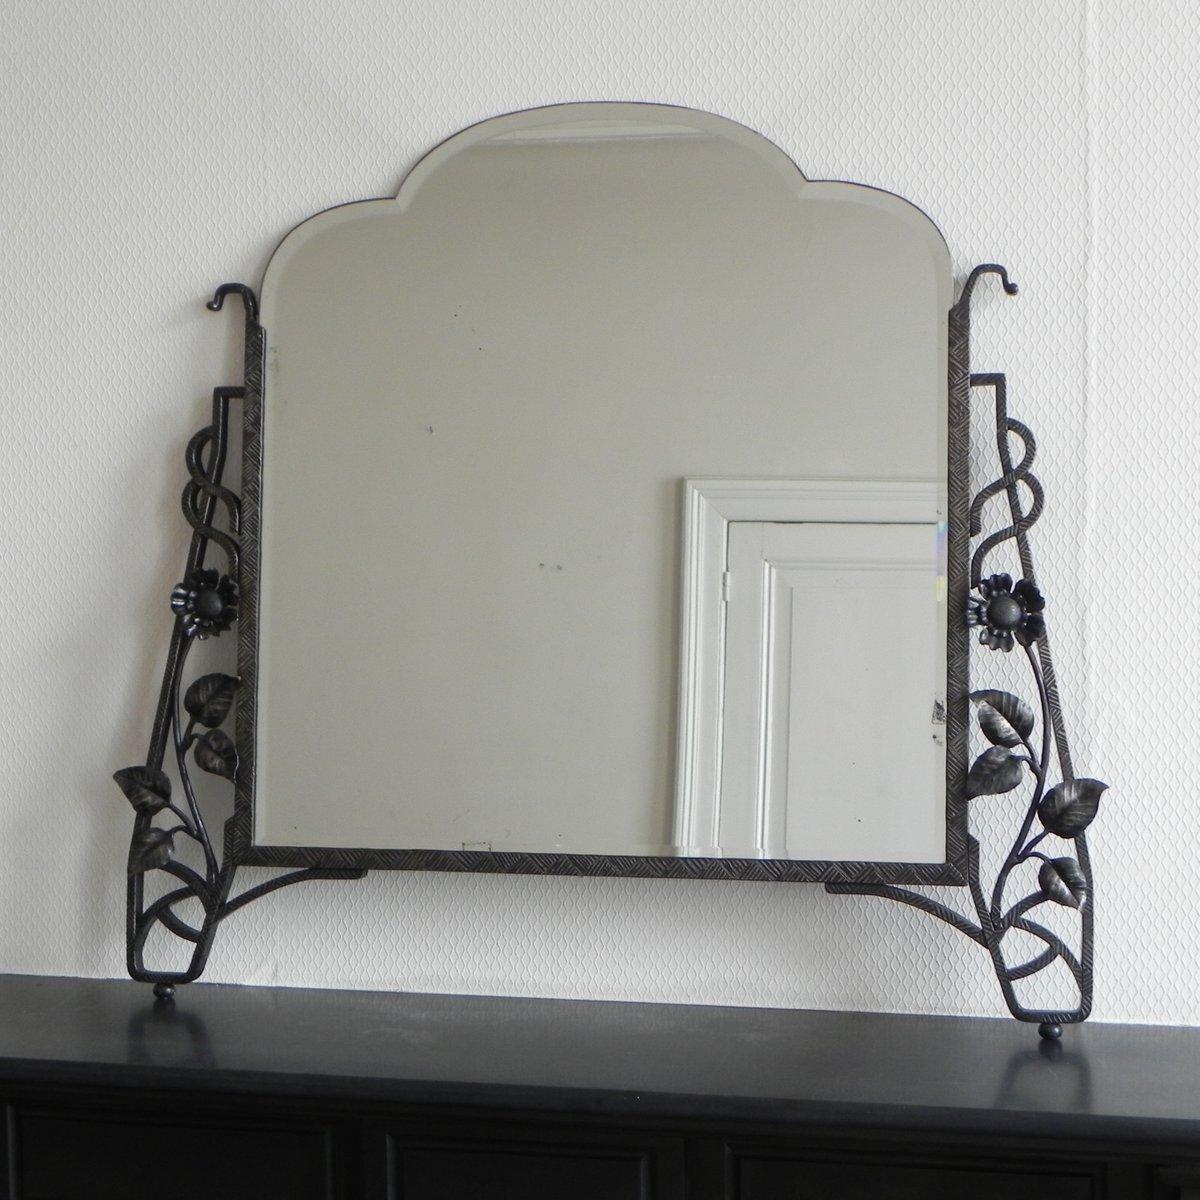 miroir art d co avec verre facettes et cadre en acier en vente sur pamono. Black Bedroom Furniture Sets. Home Design Ideas